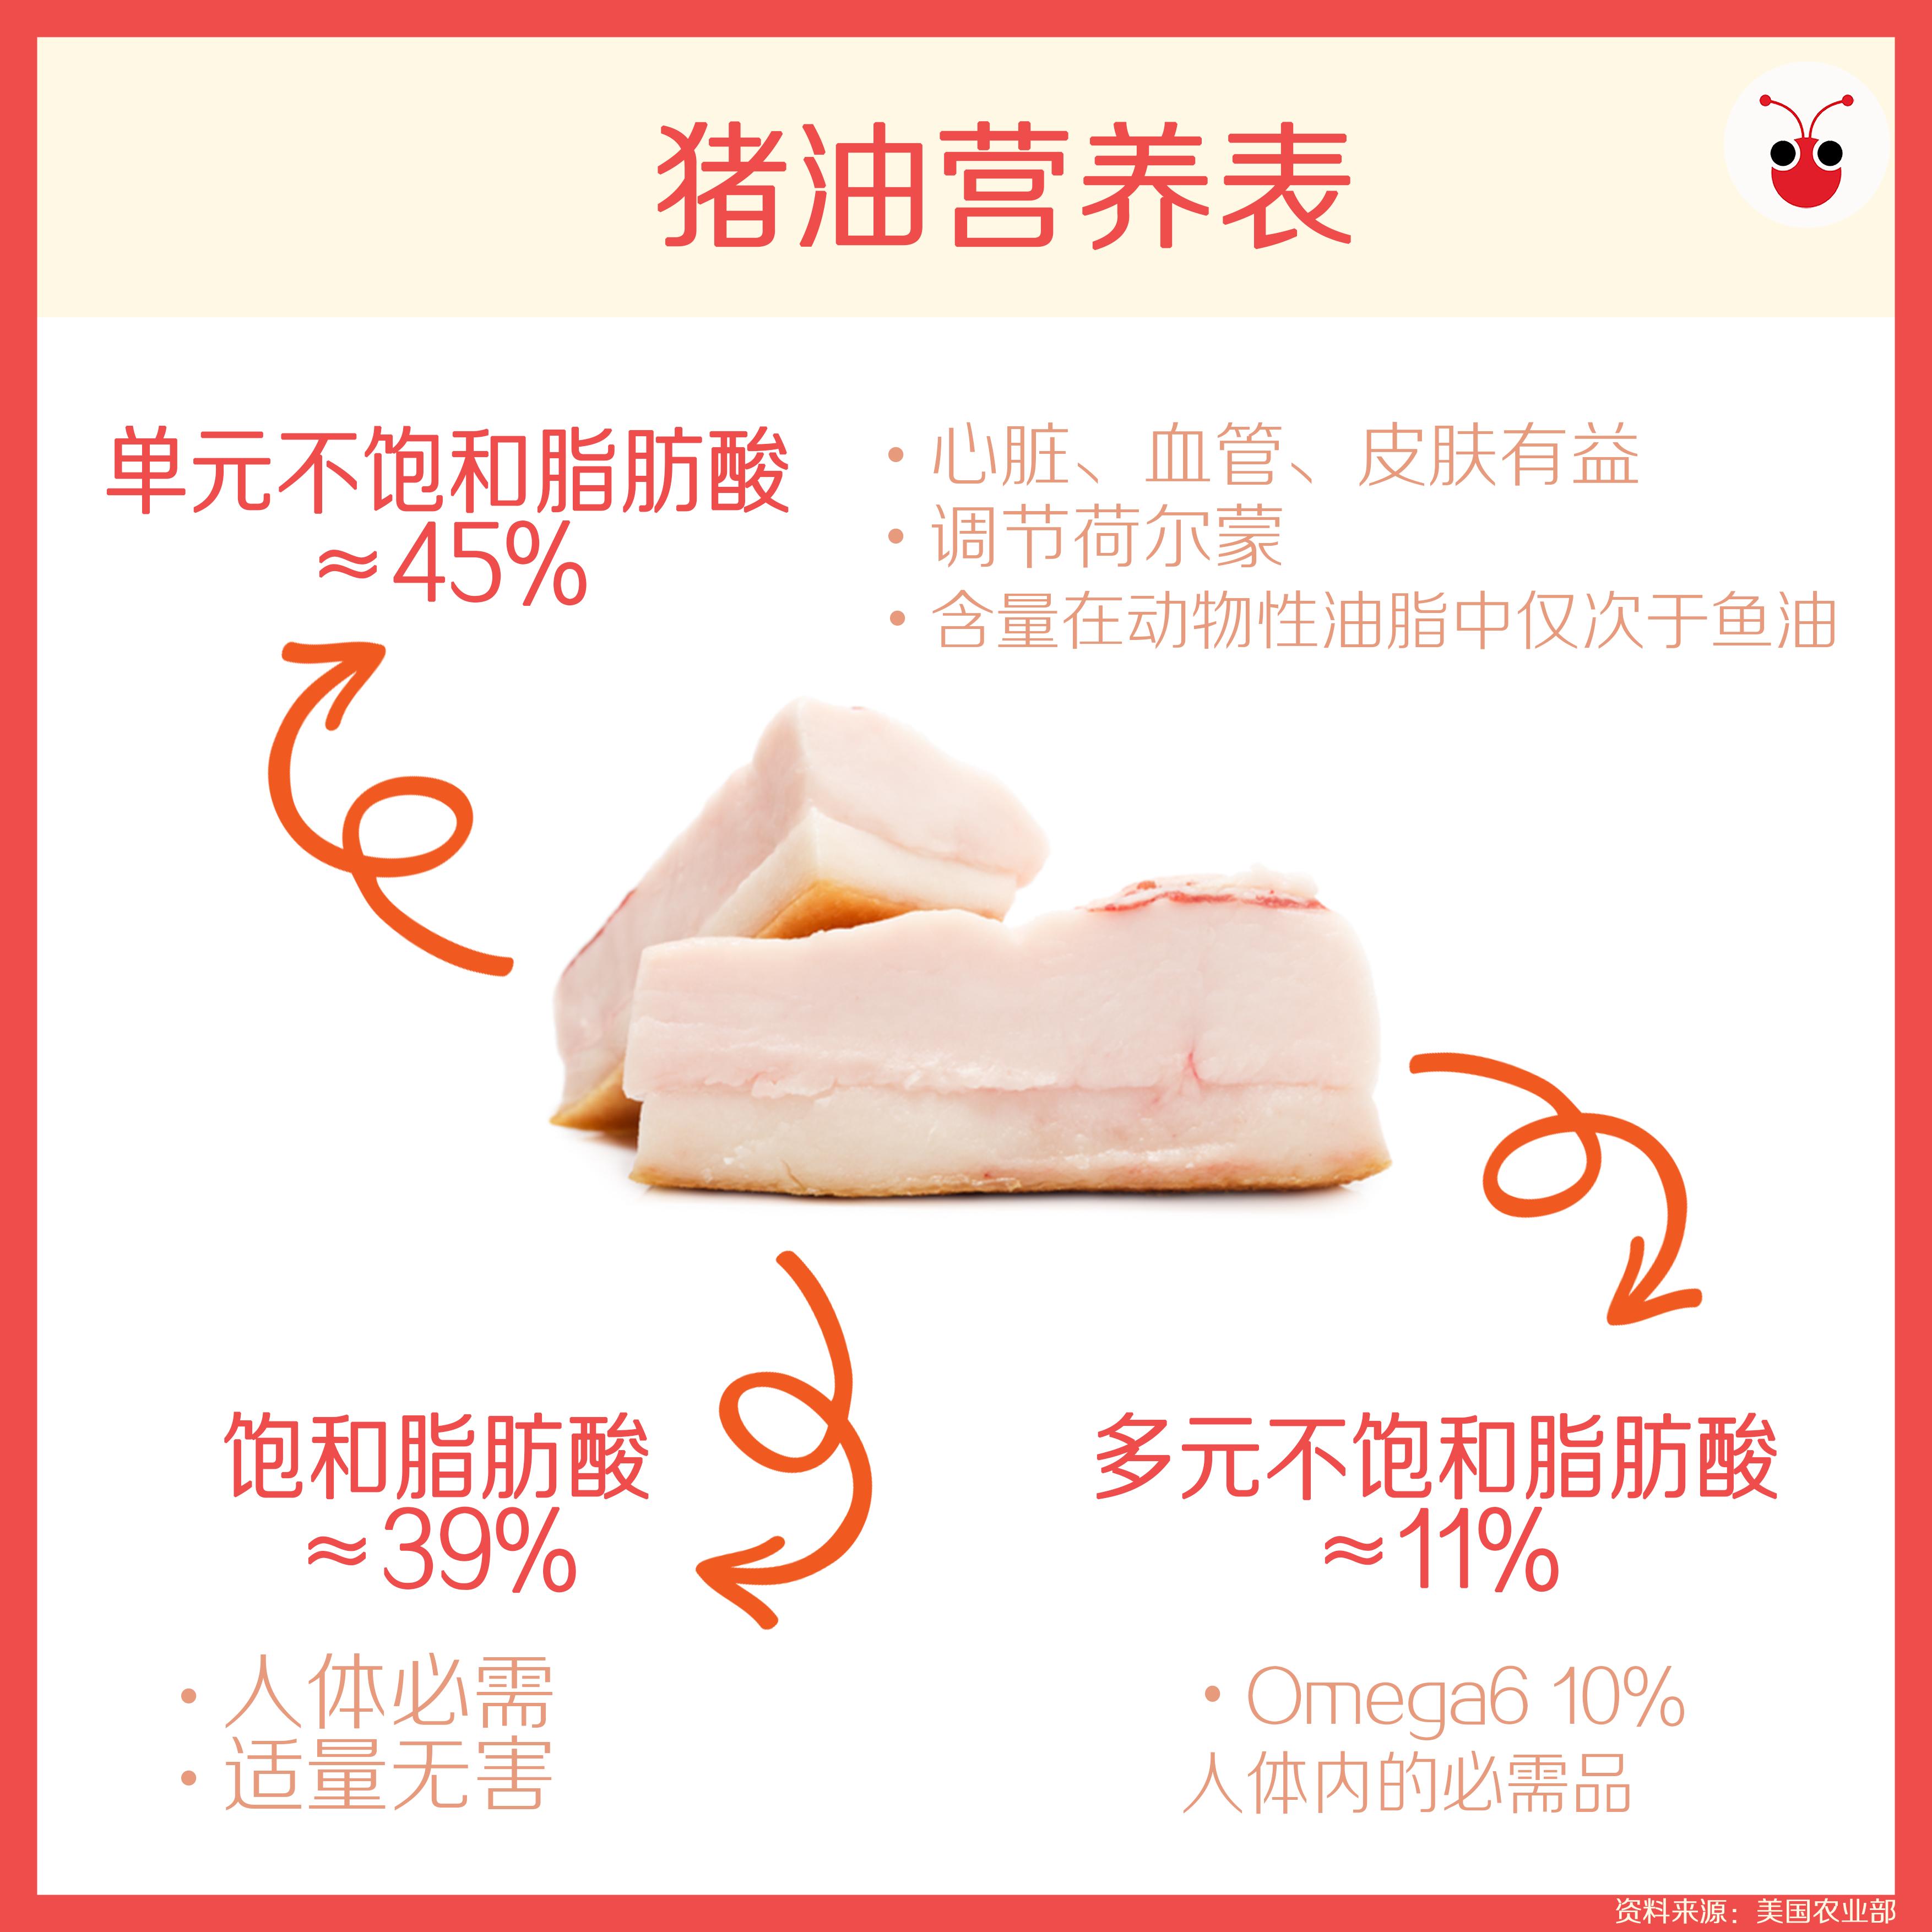 yiyangbiao.png